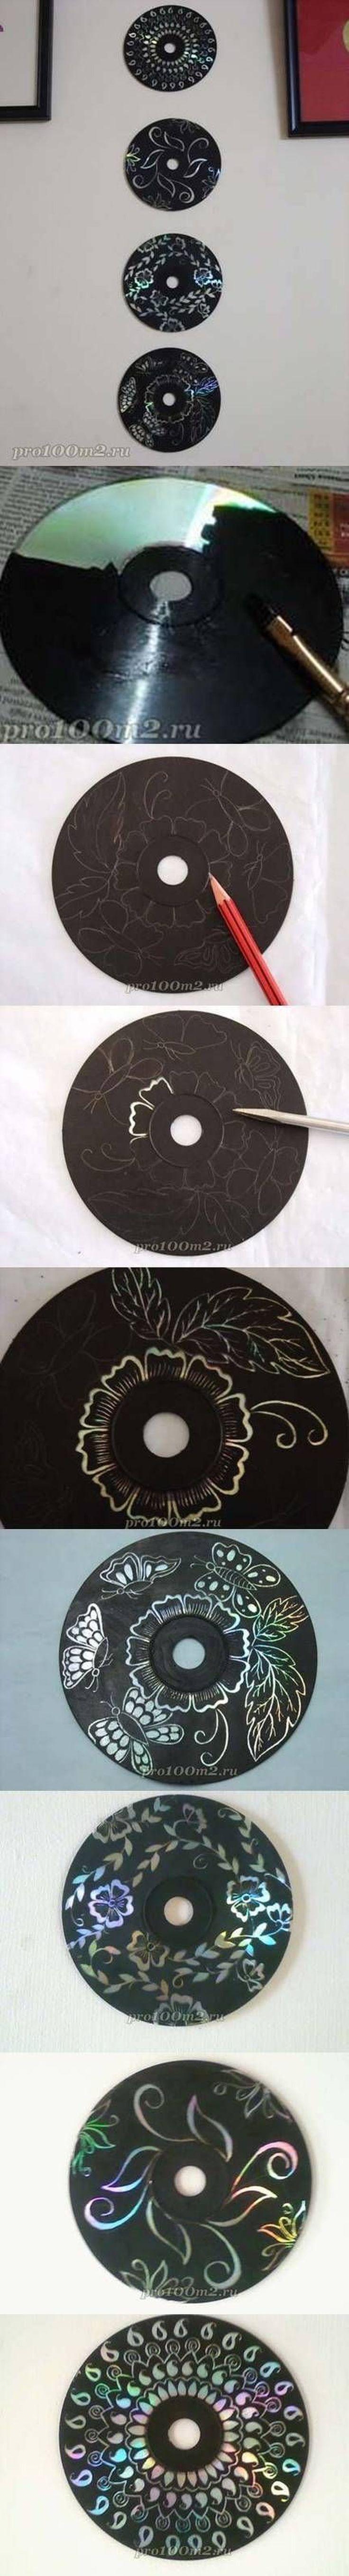 Wykorzystanie starych płyt CD